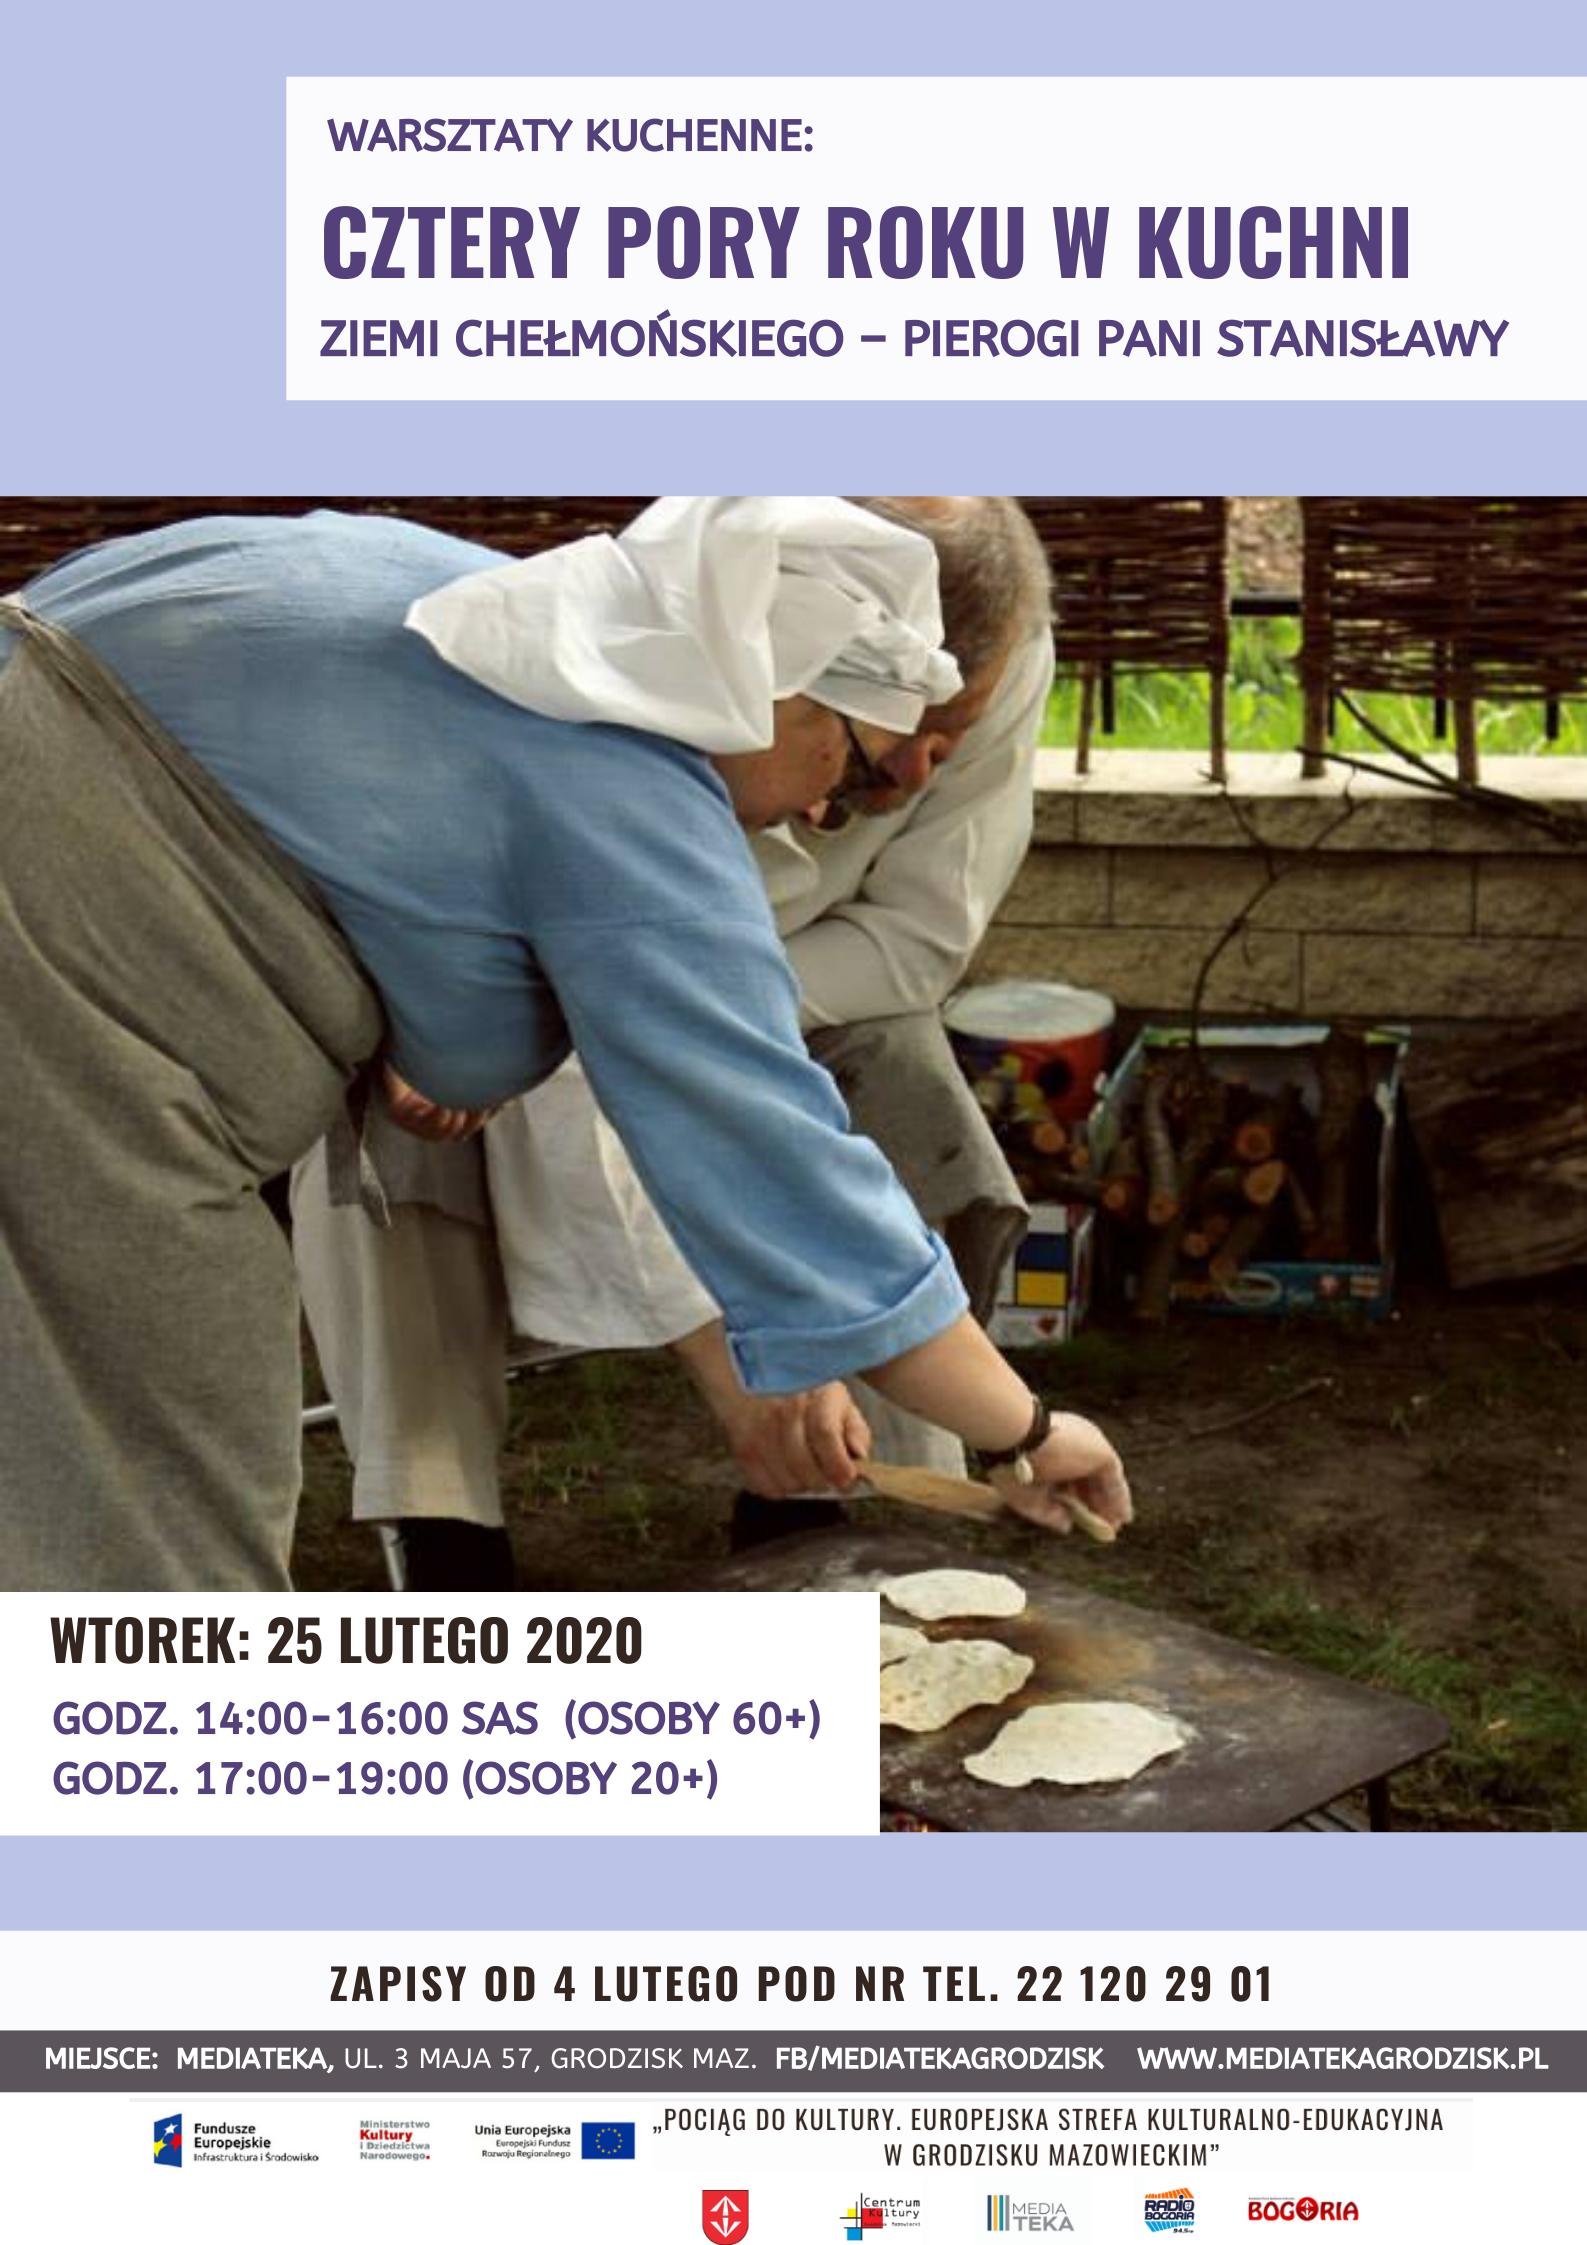 Plakat informujący o warsztatach